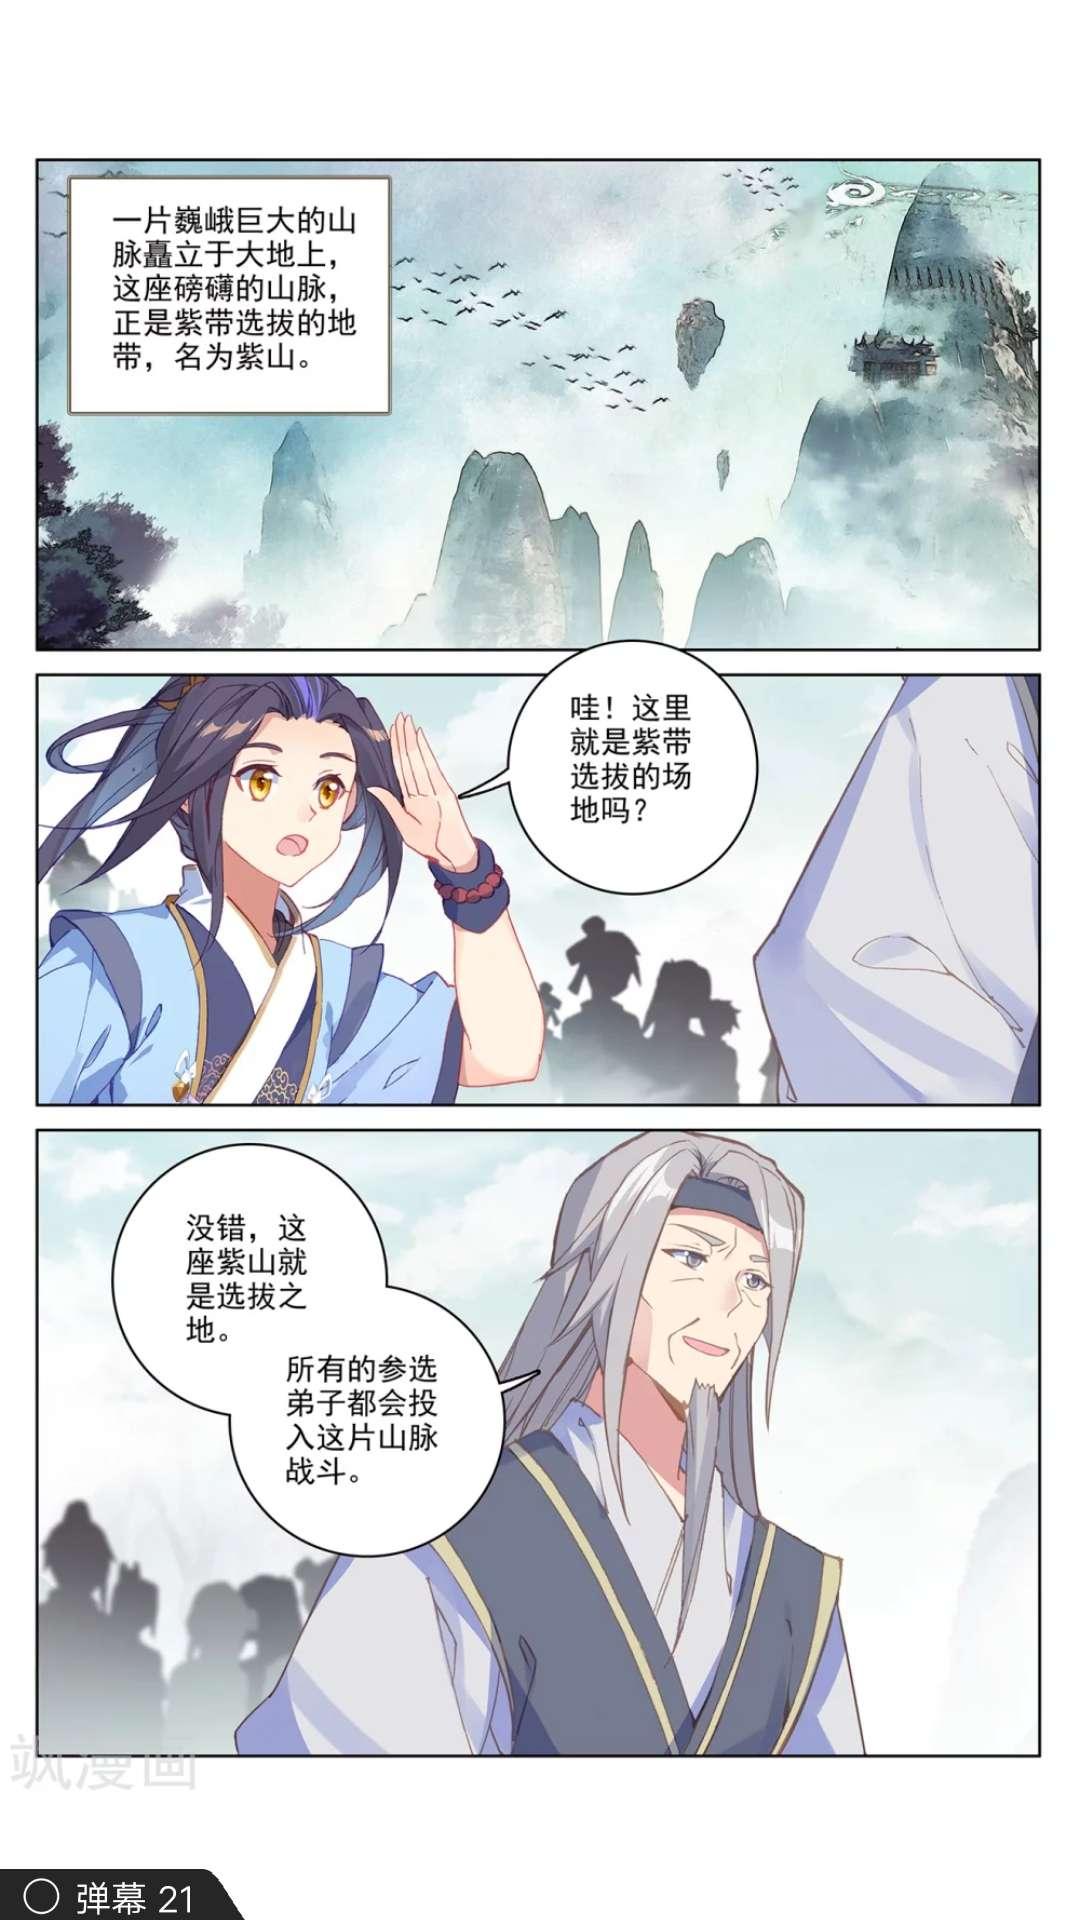 【漫画更新】元尊,二次元网红qq号-小柚妹站